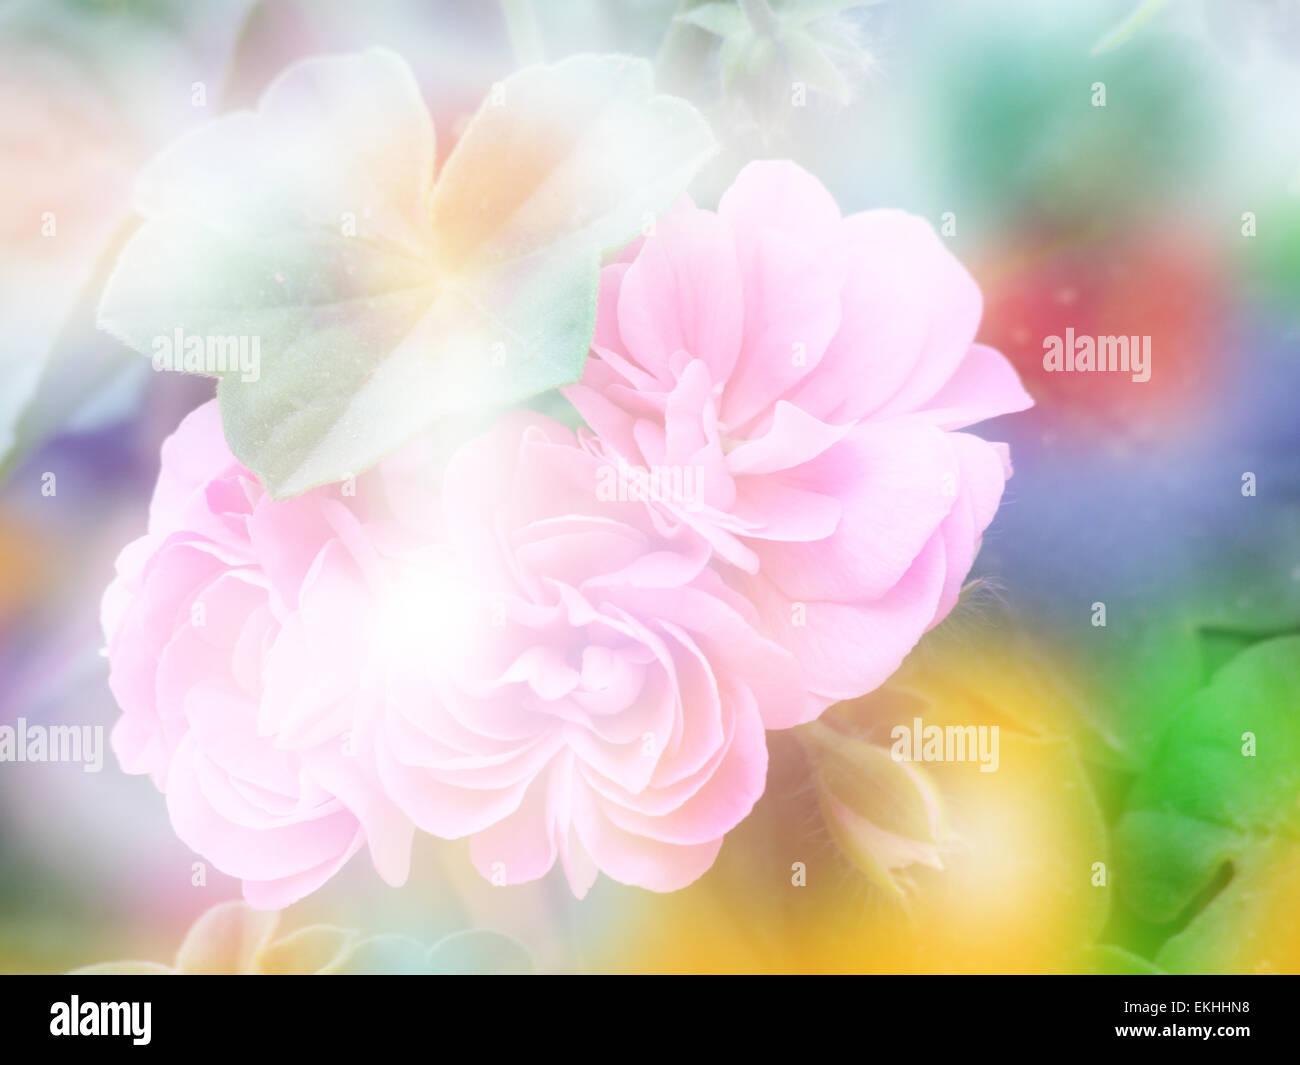 Doppelbelichtung Geranie Blume mit Bokeh Hintergrund Stockfoto